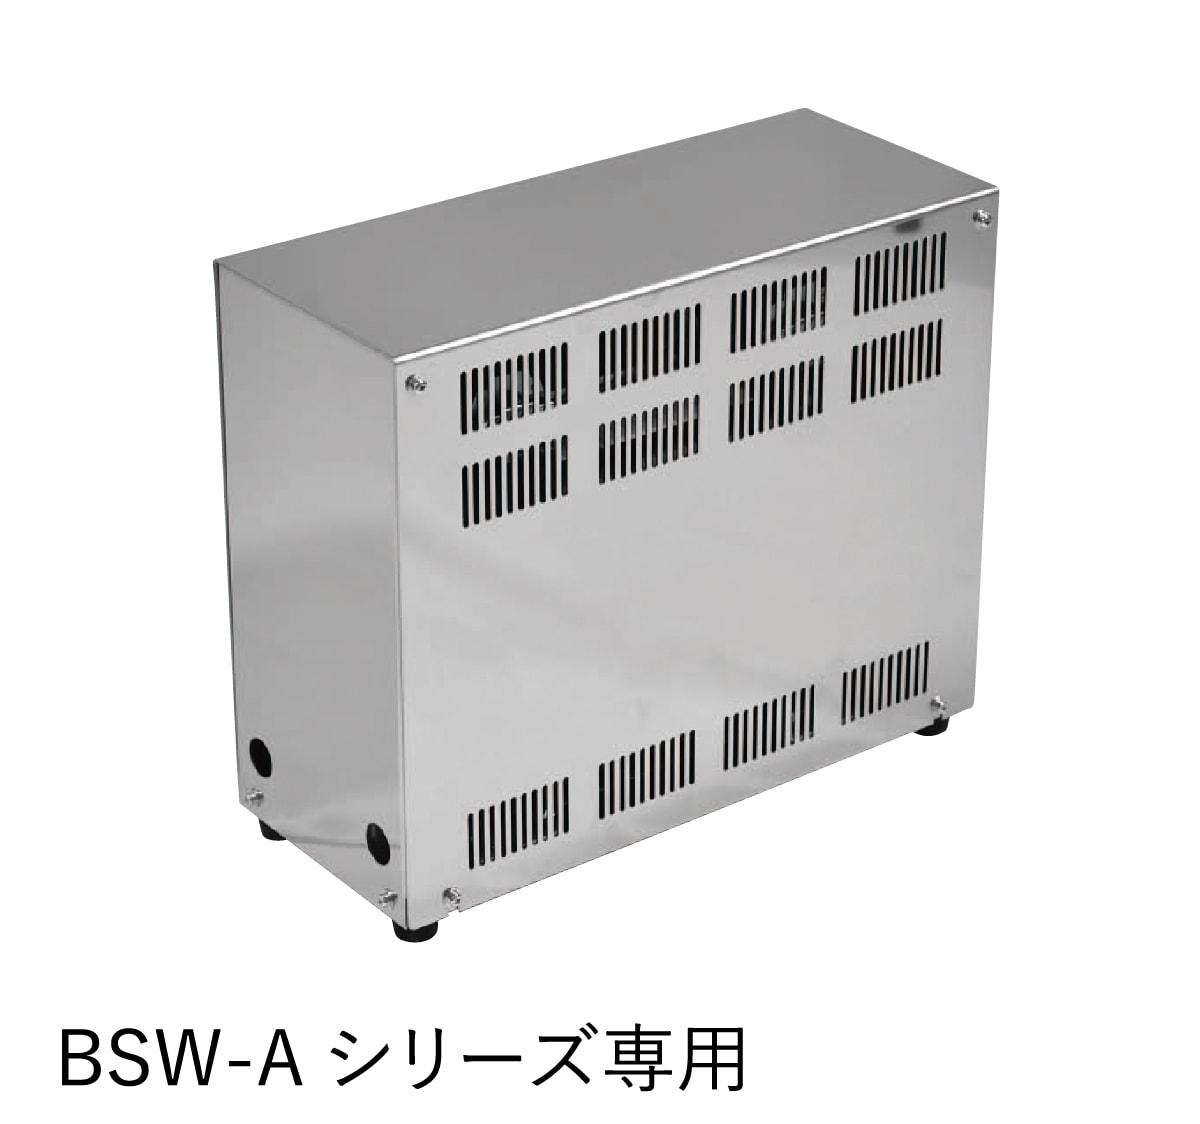 BSW-Aシリーズ専用